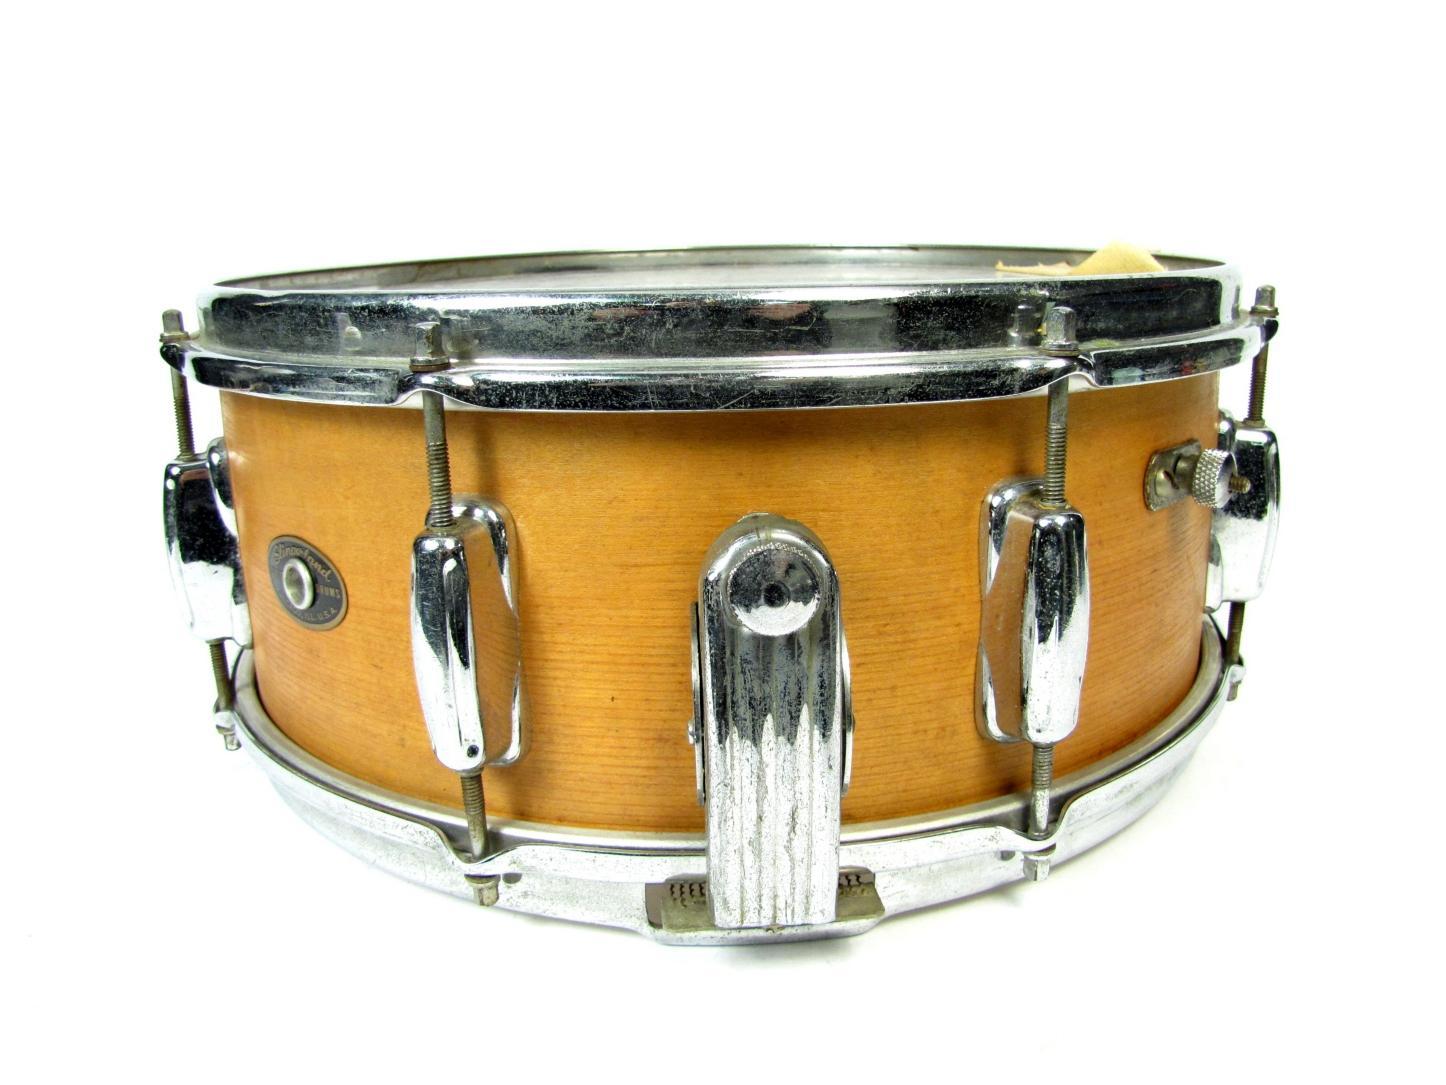 Jazz Snare Drum Head : vintage slingerland wood snare jazz drum 6 x 14 mel torm remo weather king ebay ~ Vivirlamusica.com Haus und Dekorationen